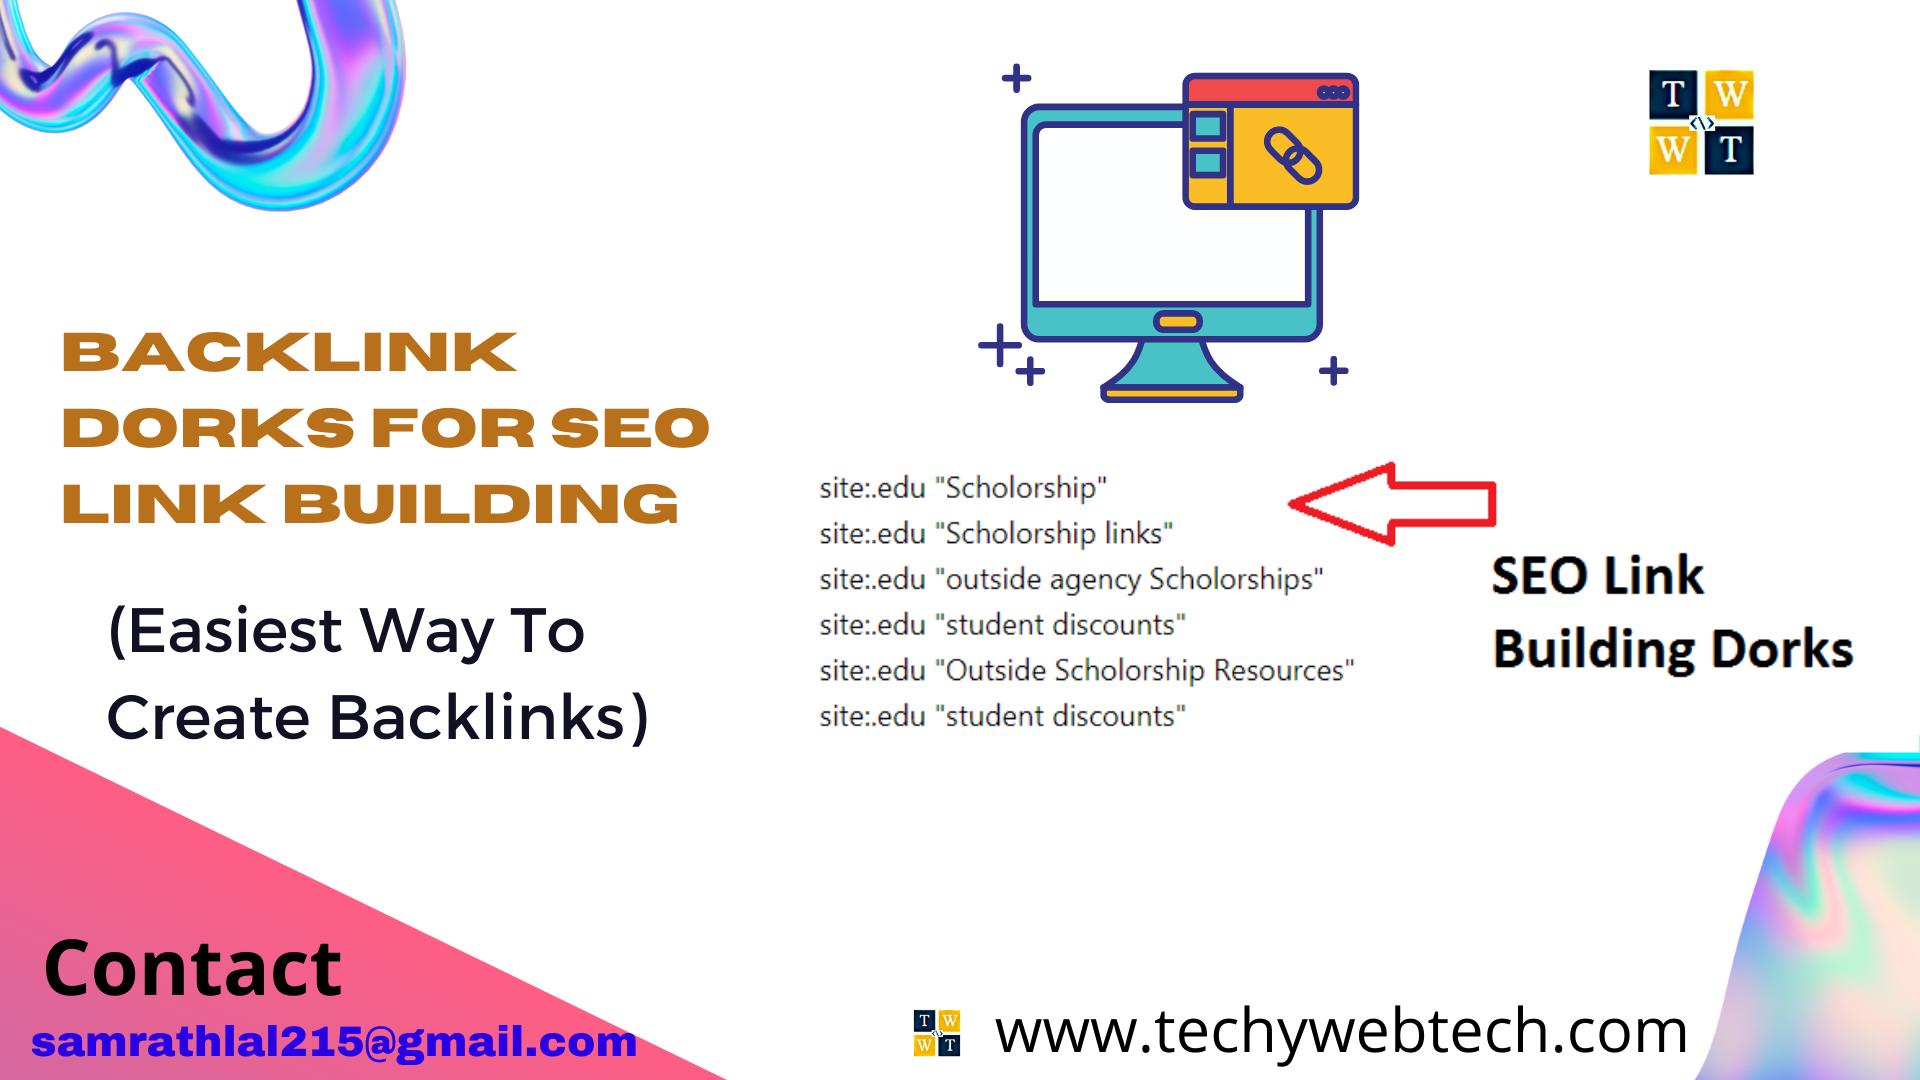 Backlink Dorks for SEO Link Building (Easiest Way To Create Backlinks)